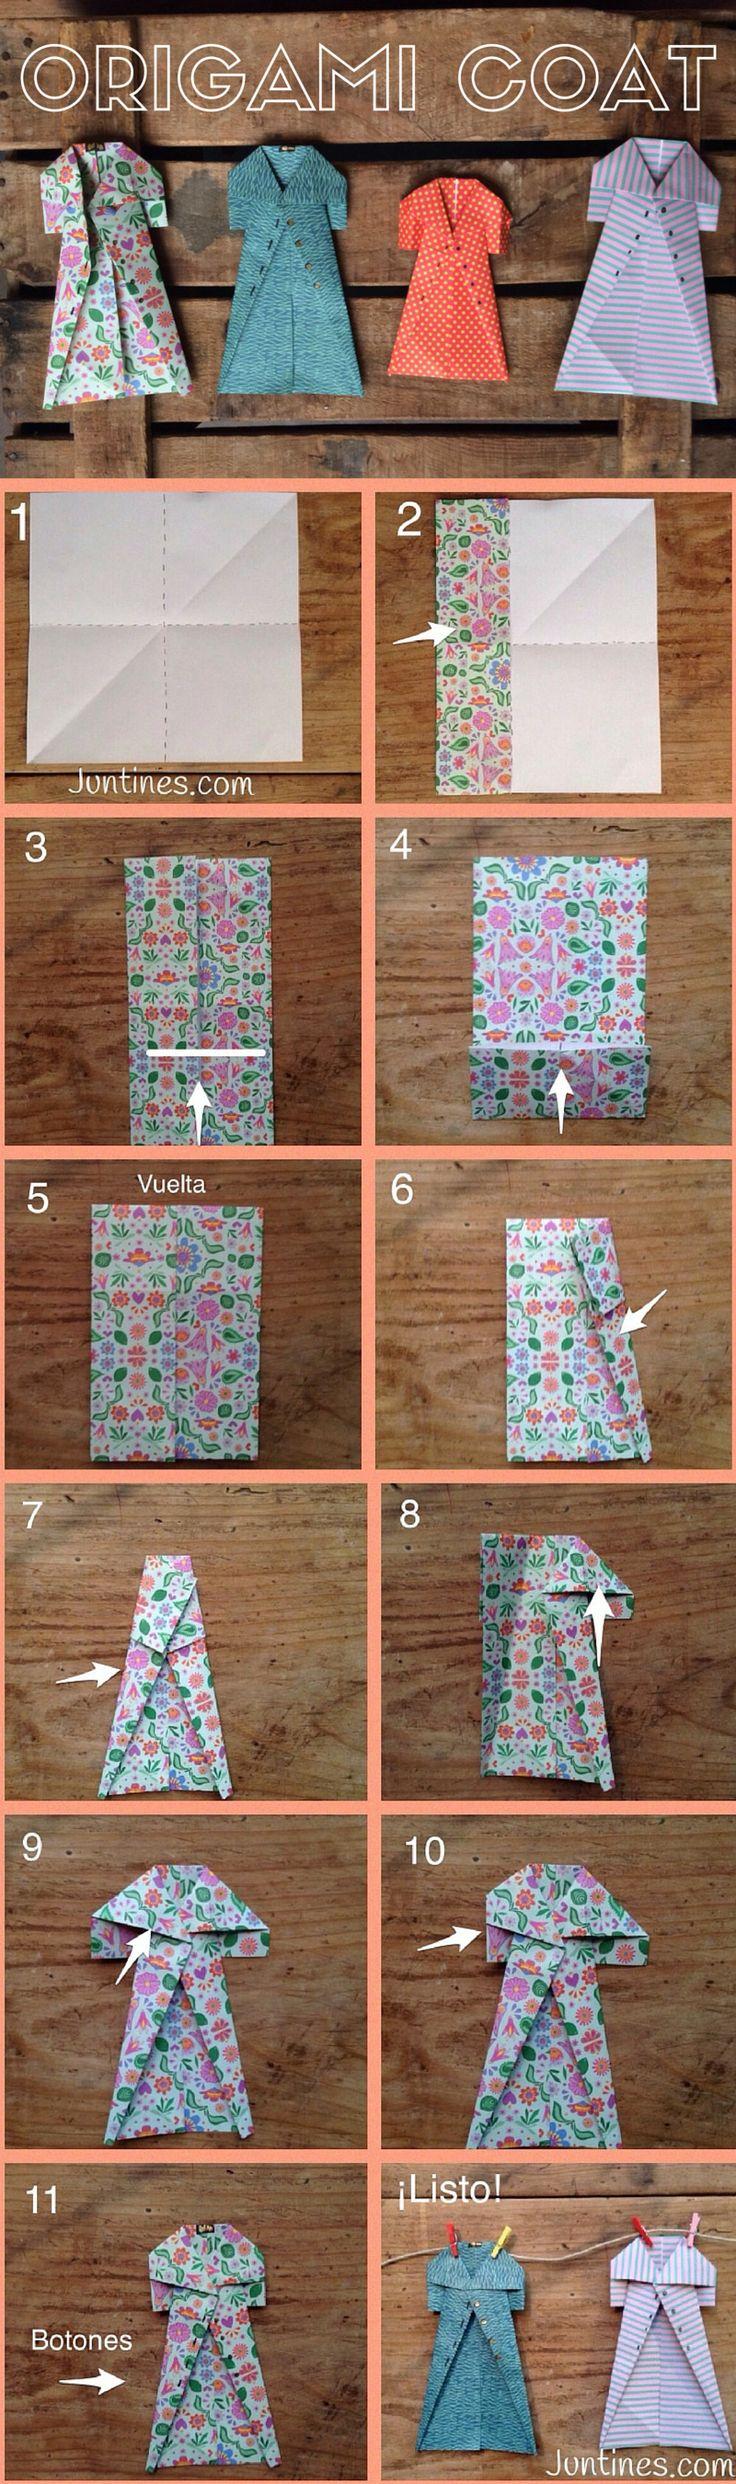 Origami coat - Abrigo de Origami - Origami easy for kids - Origami fácil para…